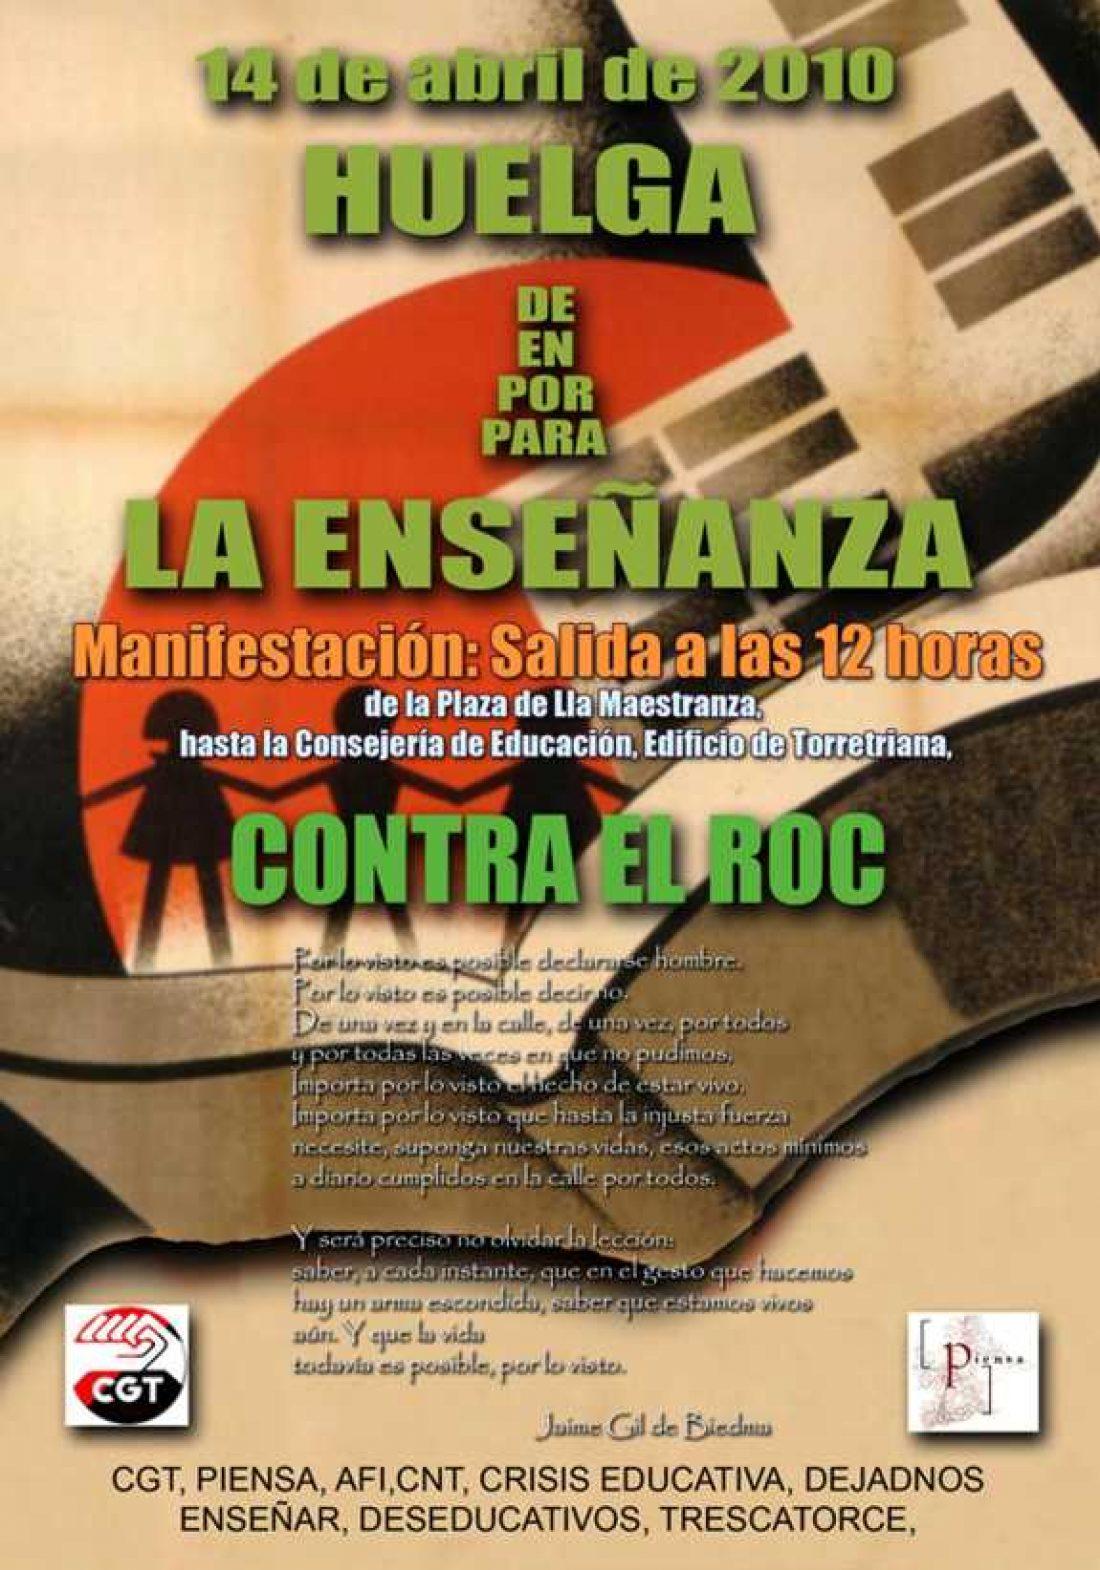 14 de Abril. El profesorado andaluz convocado a la Huelga en la enseñanza.